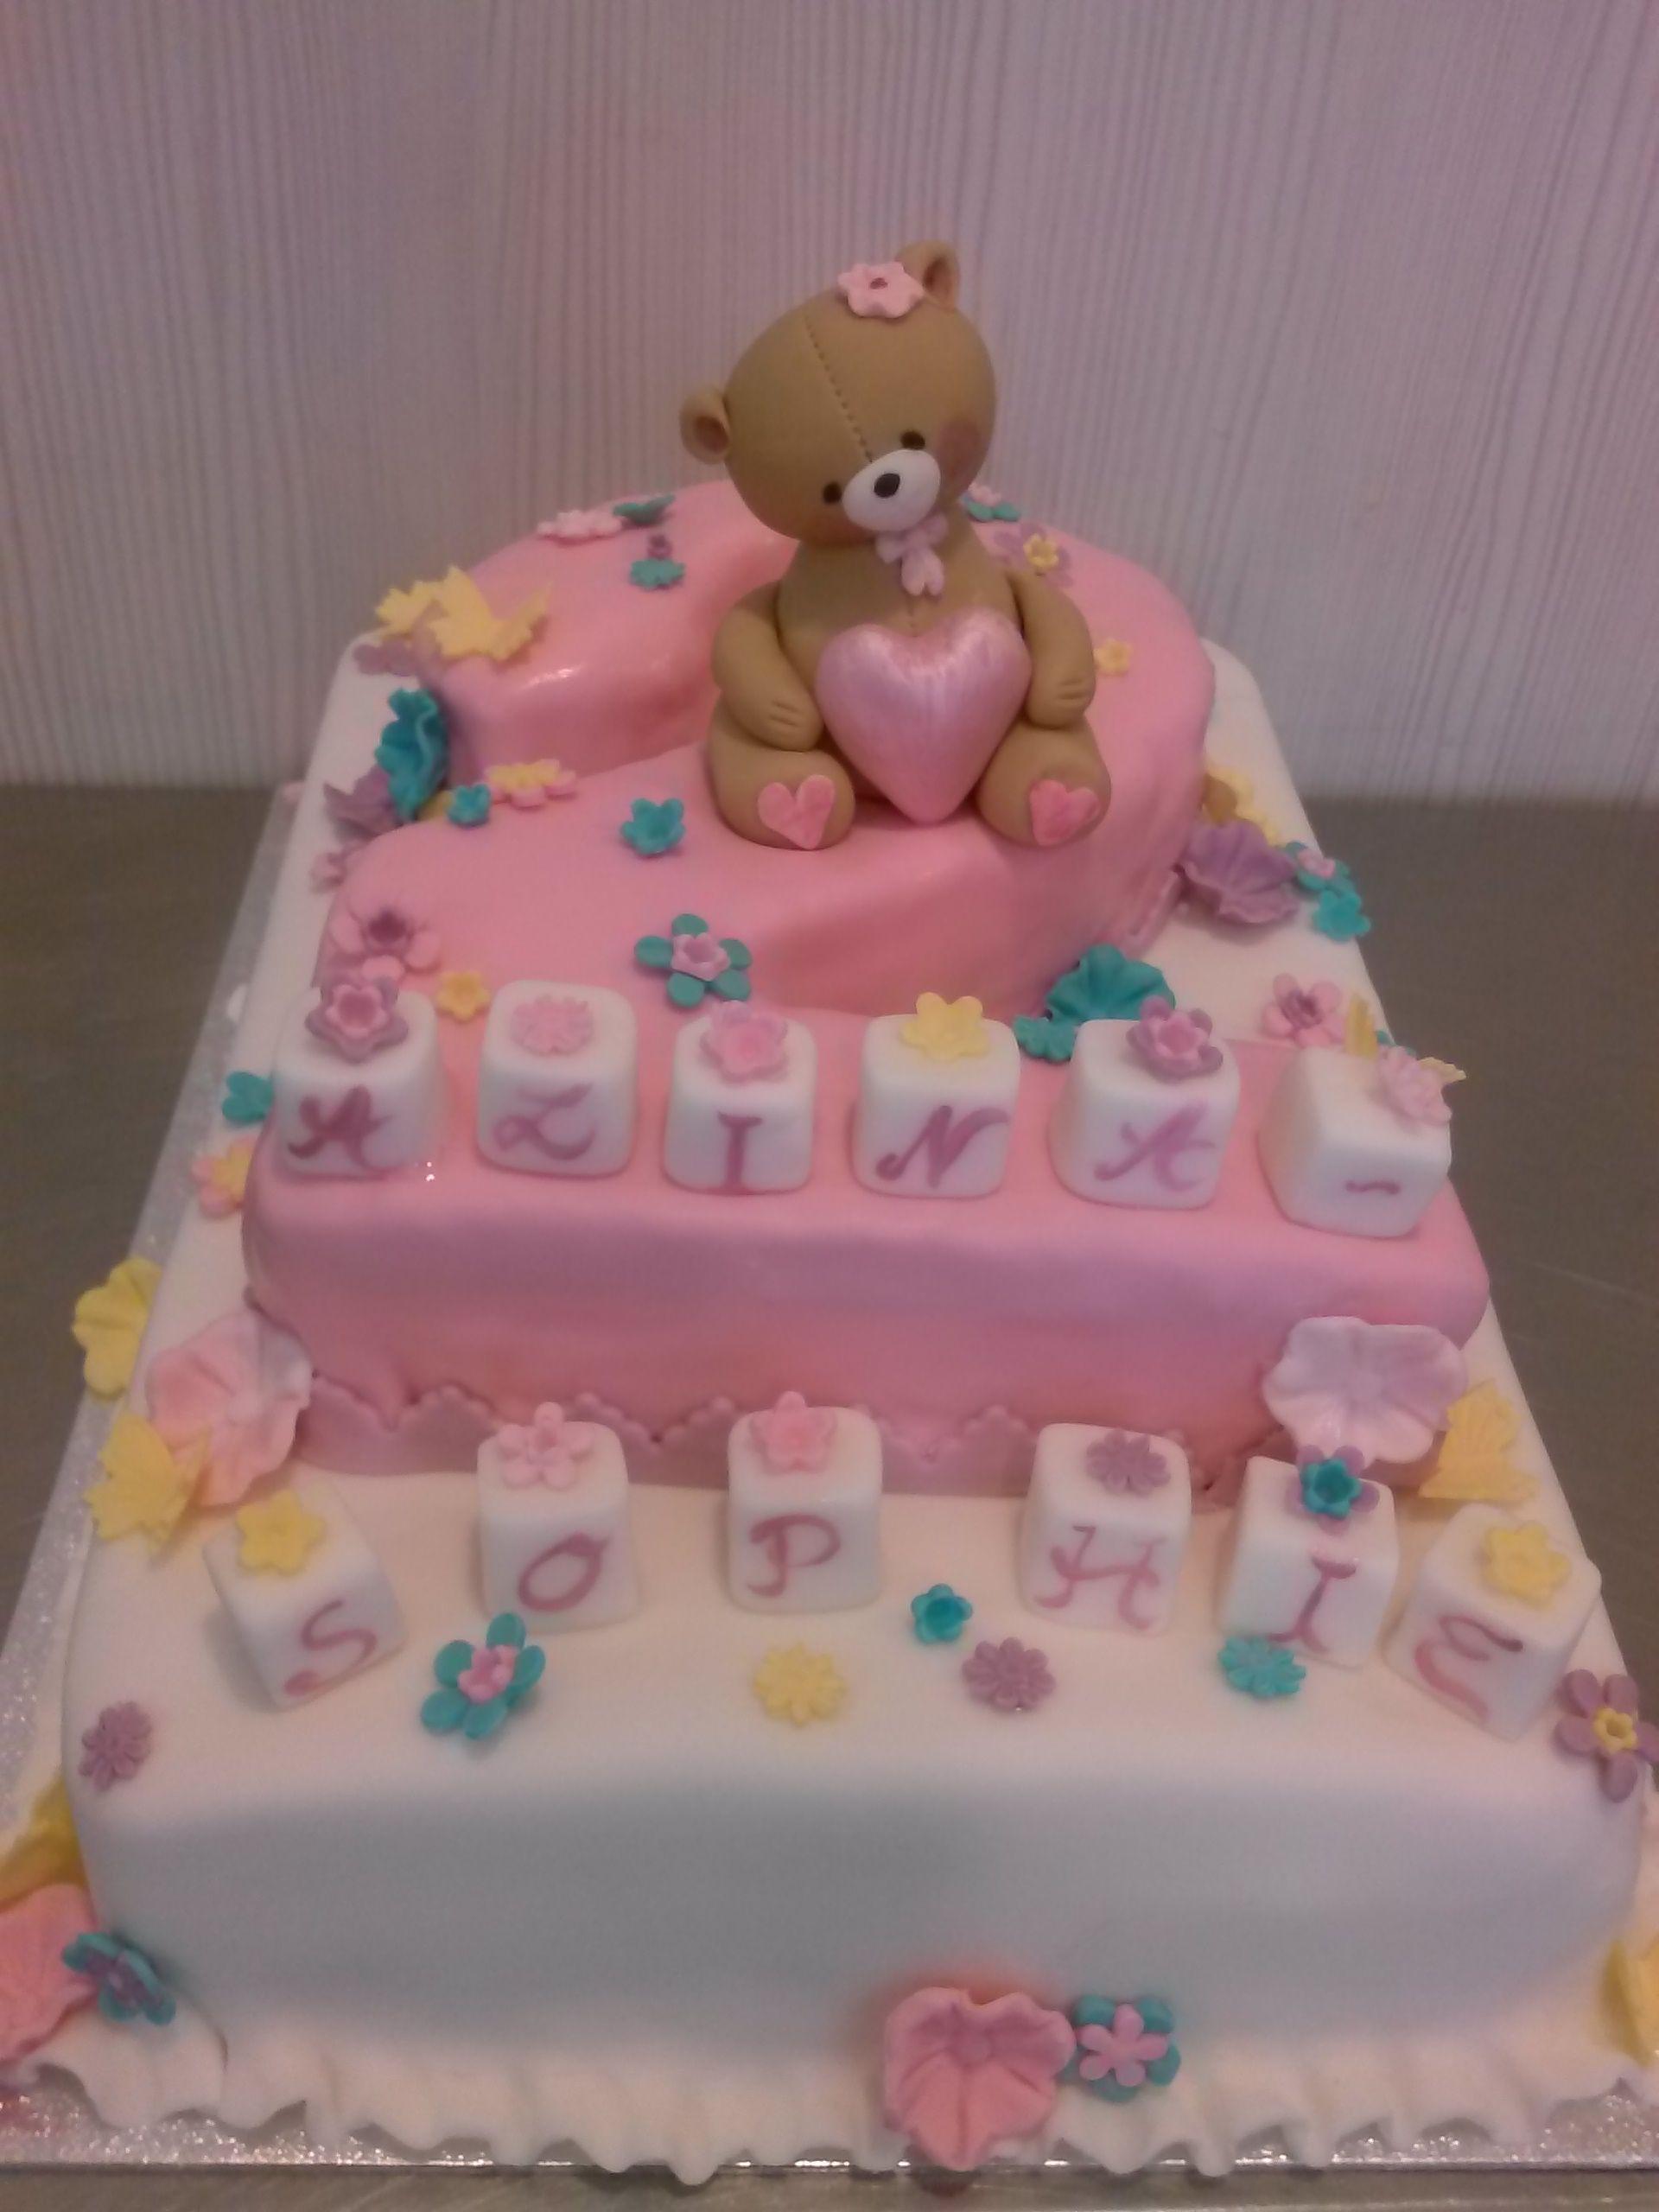 Torte Zum 2 Geburtstag Ja Fur Ein Madchen Fur Grosse Und Kleine